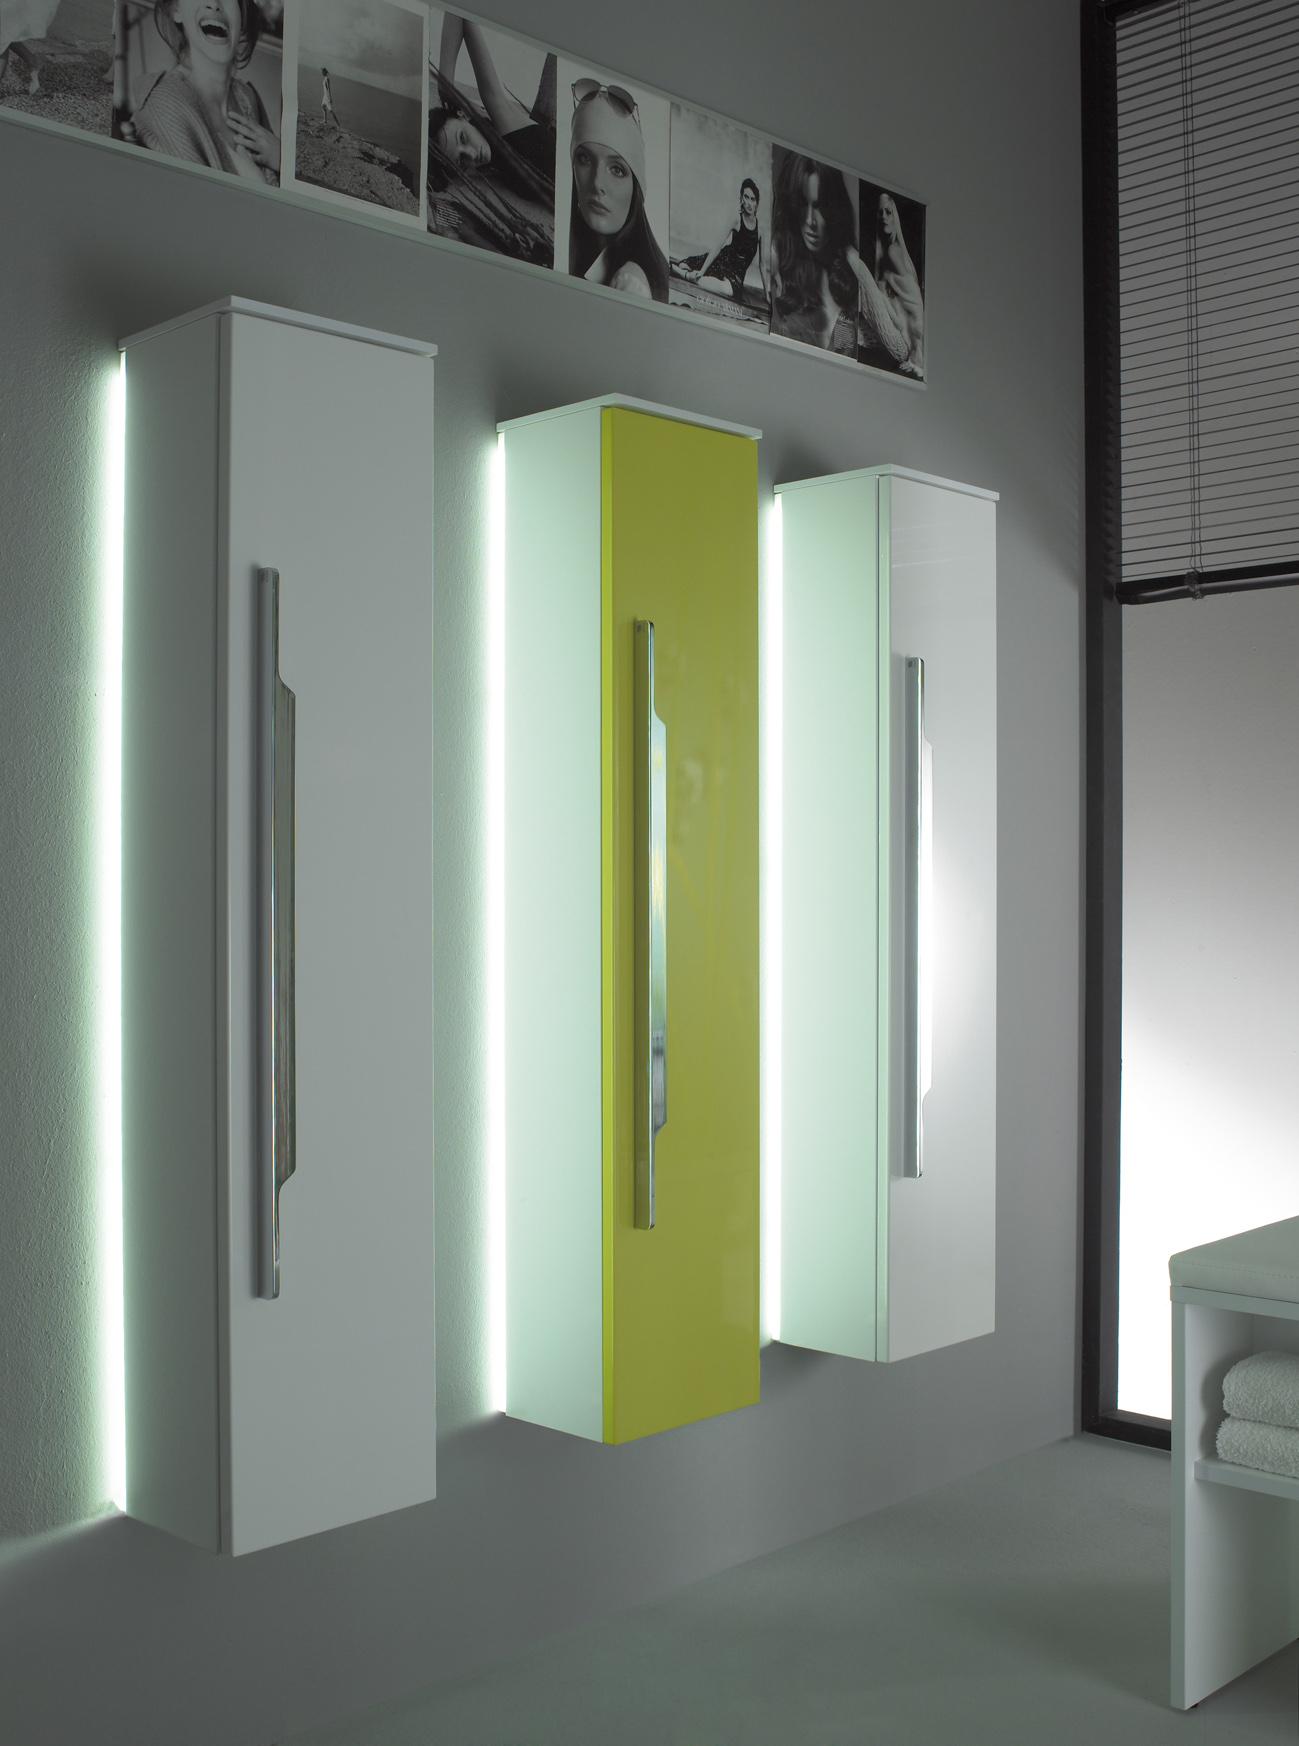 neues bei einrichtungs und m belshops einrichtung und m bel. Black Bedroom Furniture Sets. Home Design Ideas